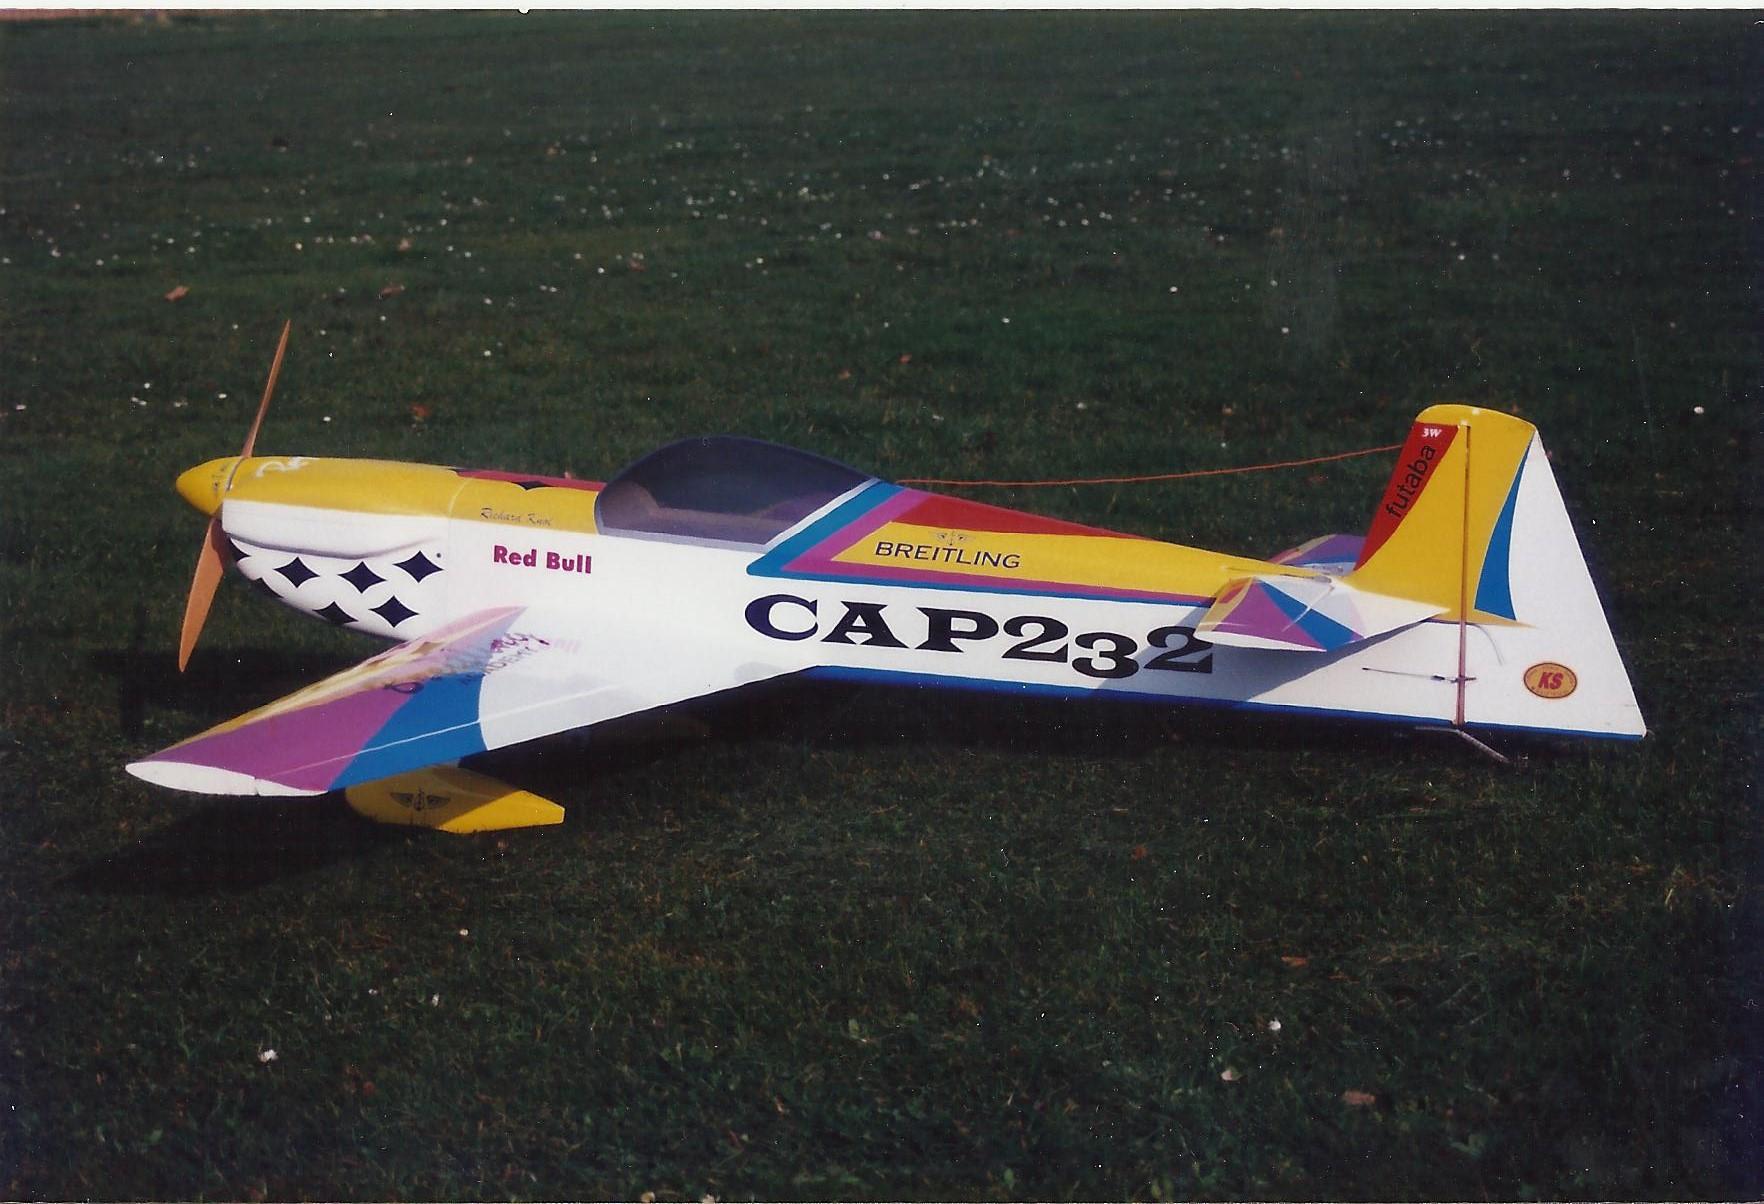 Cap232 - 1,8M - 3